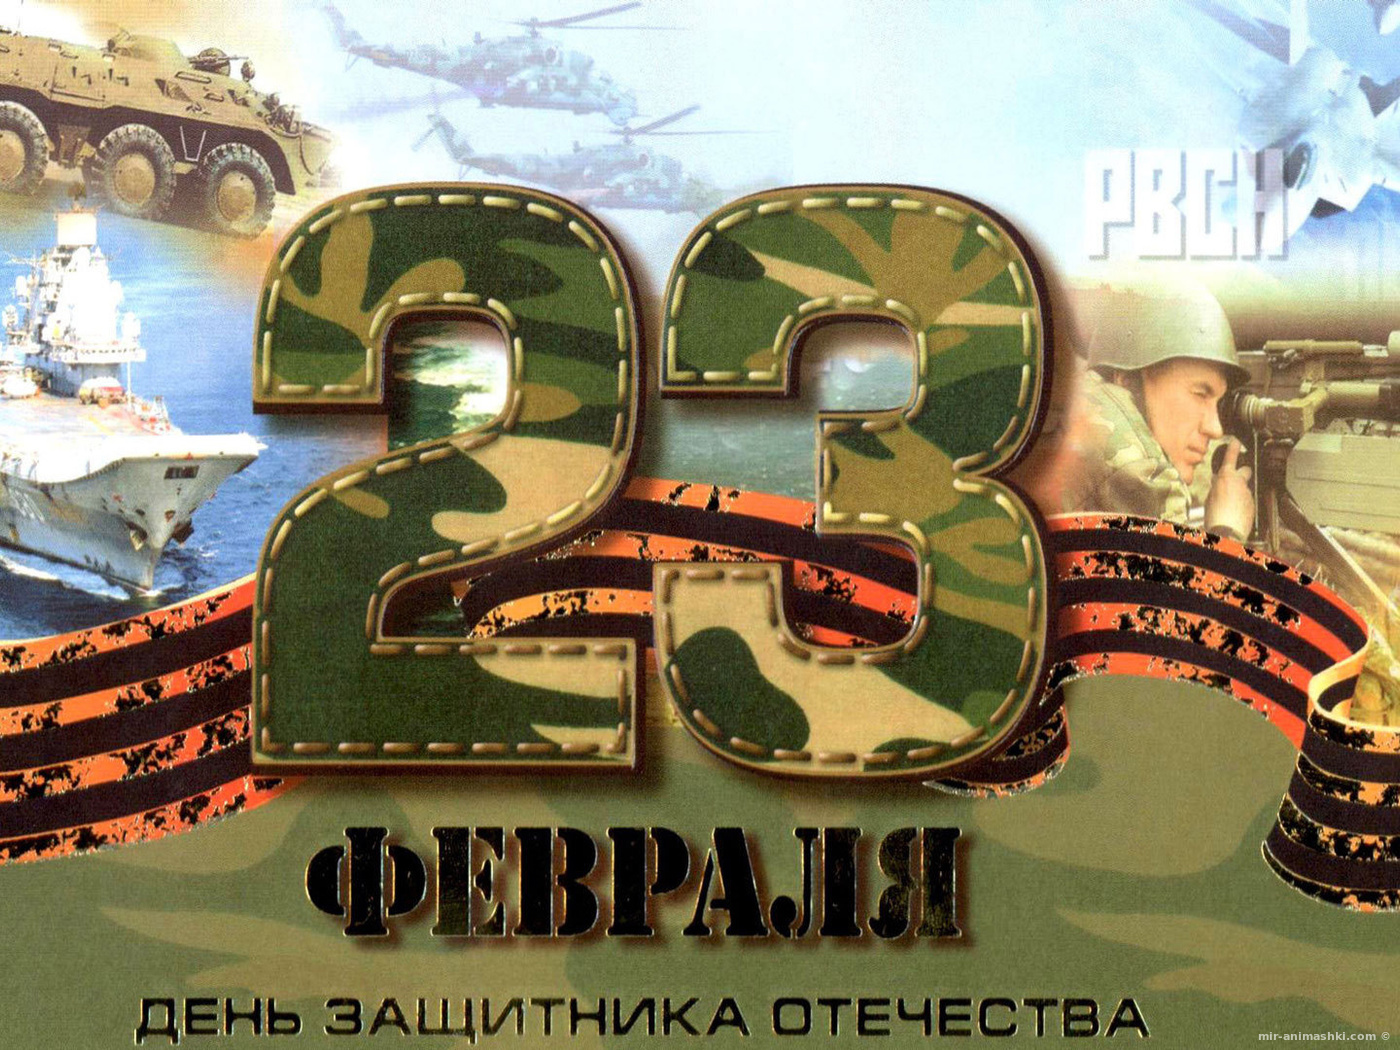 День защитника отечества (День советской армии) - 23 февраля 2020